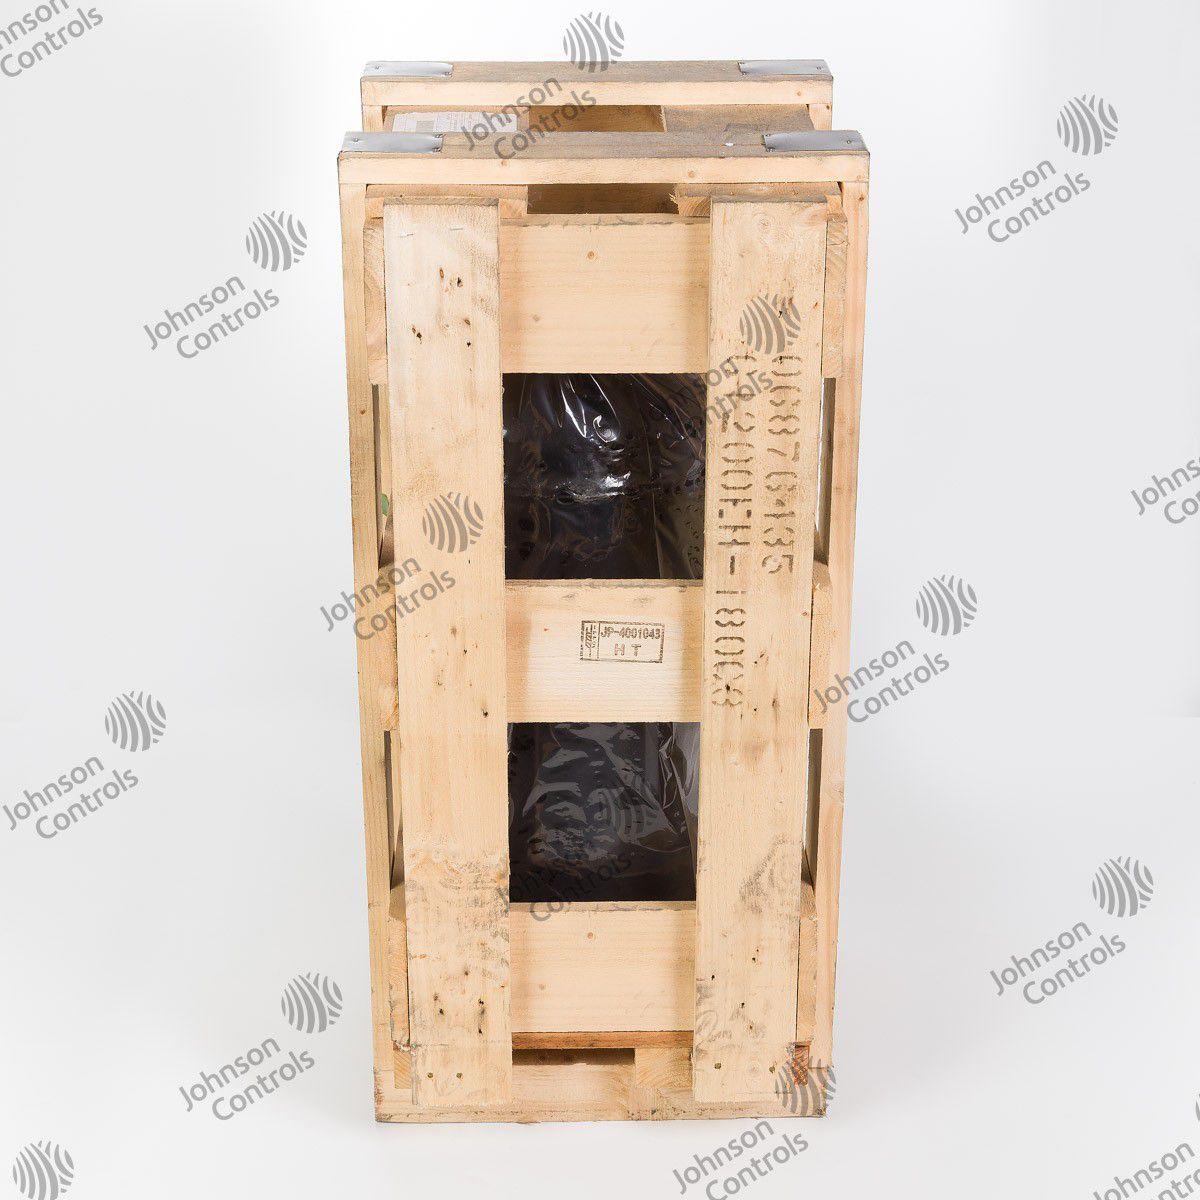 COMP.FIXO/9.6TR/220V/60Hz/R22 - 06776335